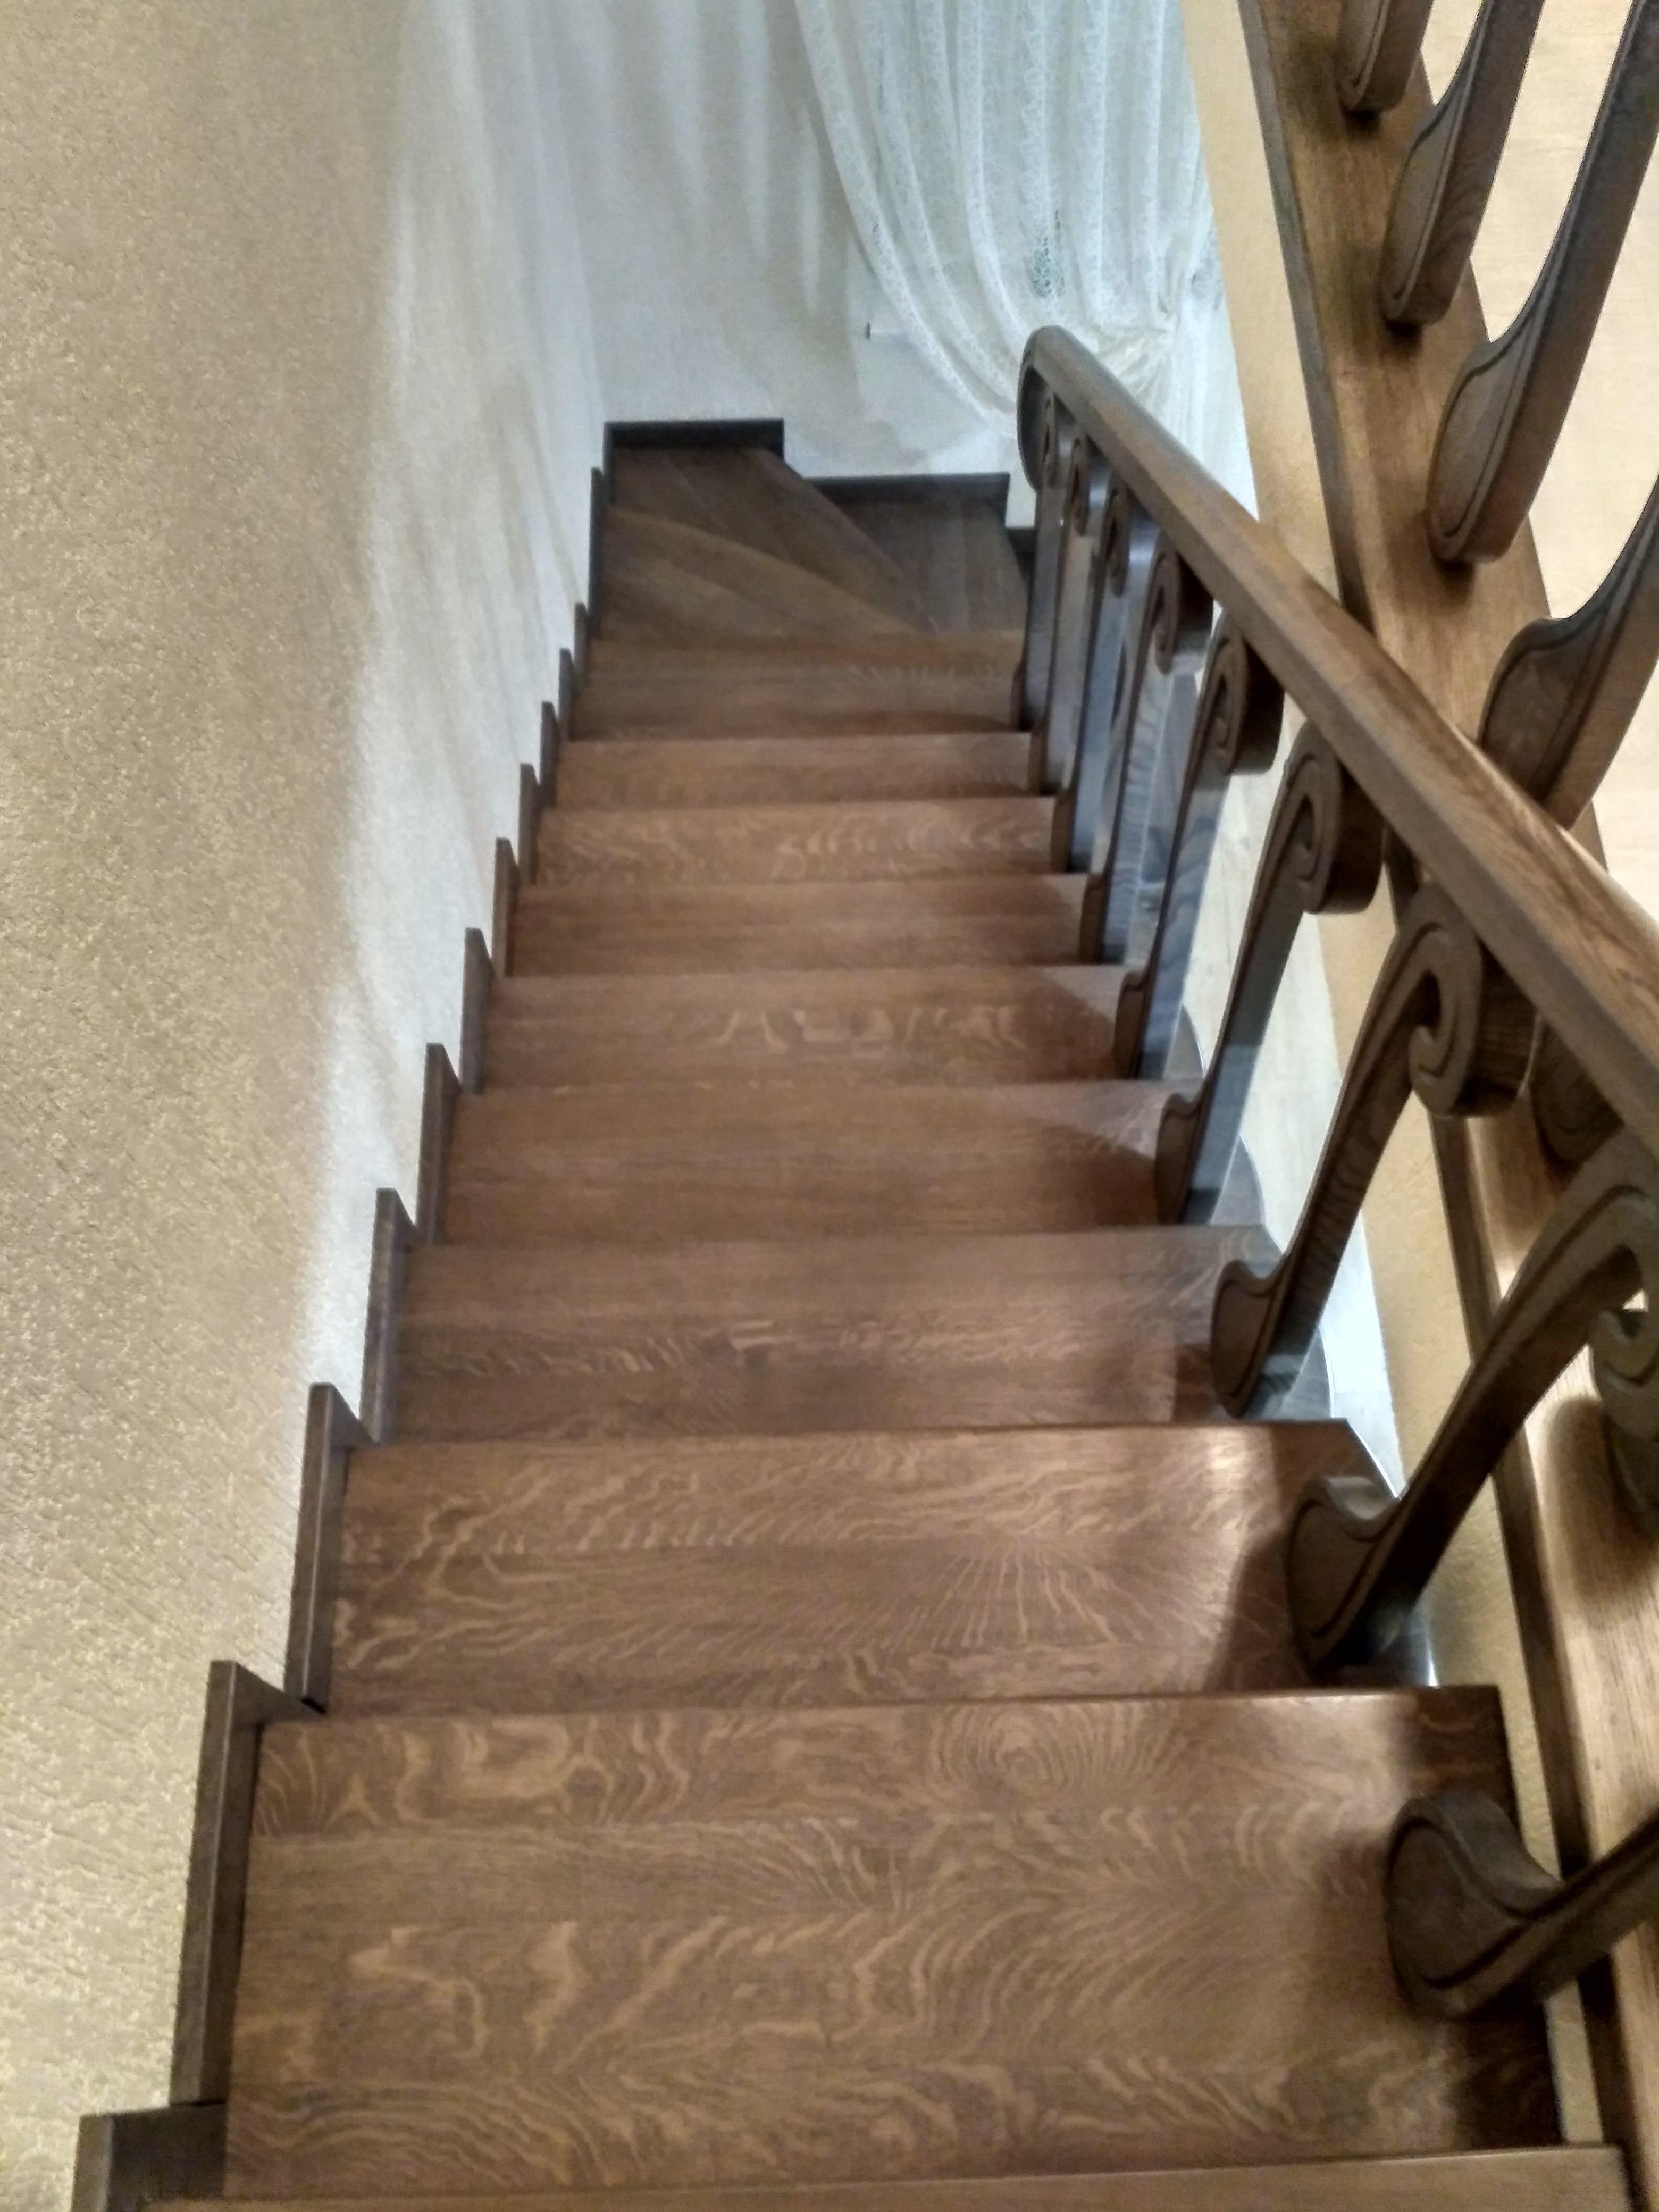 Сходи дубові